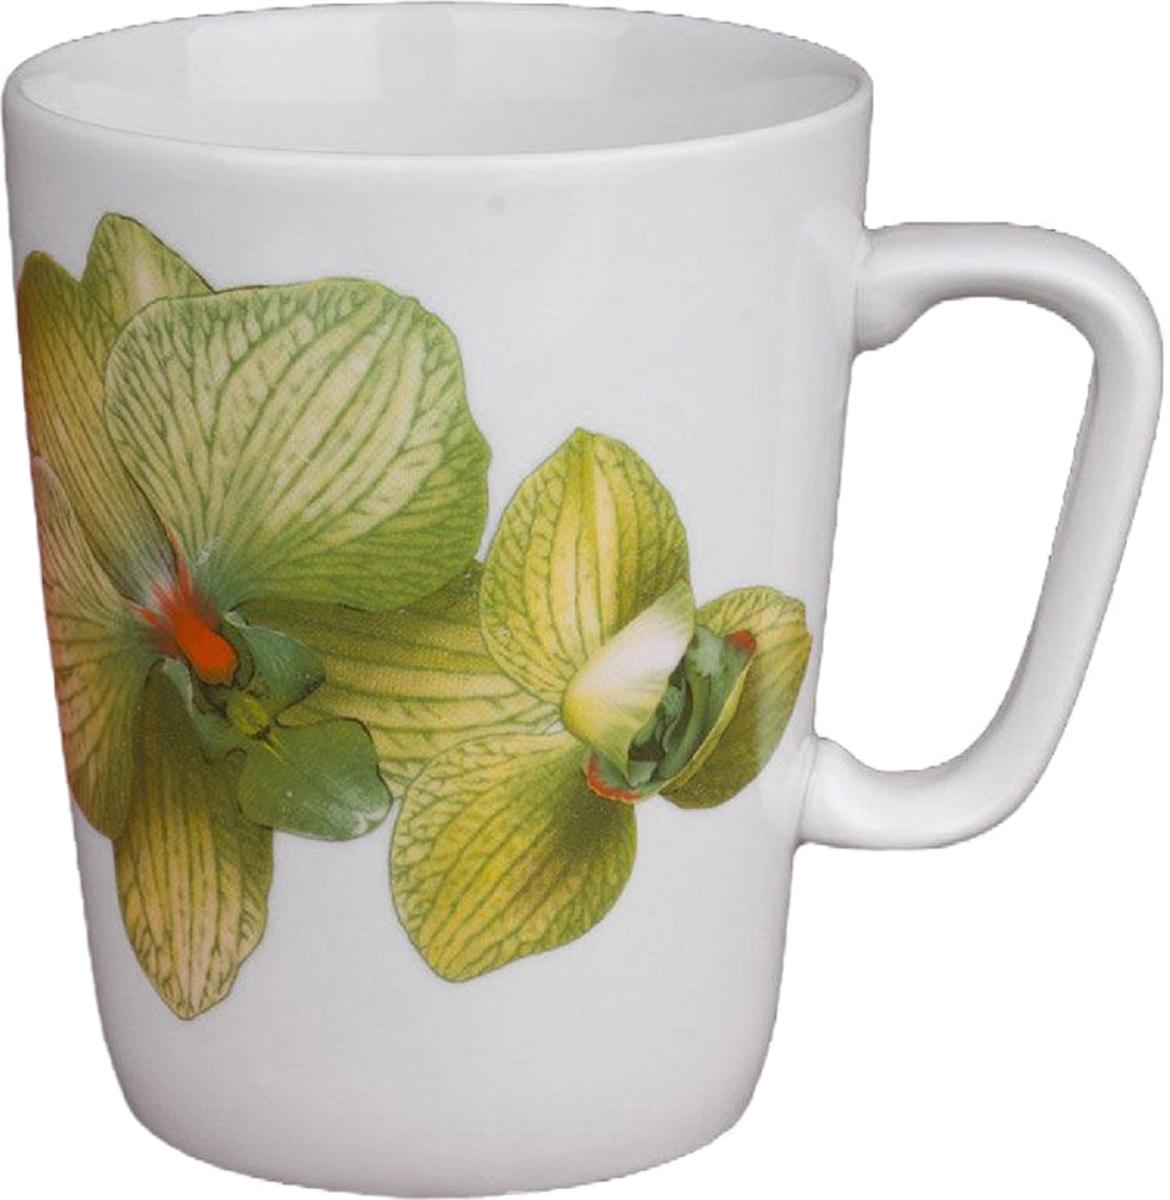 Кружка Дулевский Фарфор Конус. Орхидея, цвет: зеленый, 350 мл сувенир акм кружка текст спб h 9 5см d 8см фарфор черная